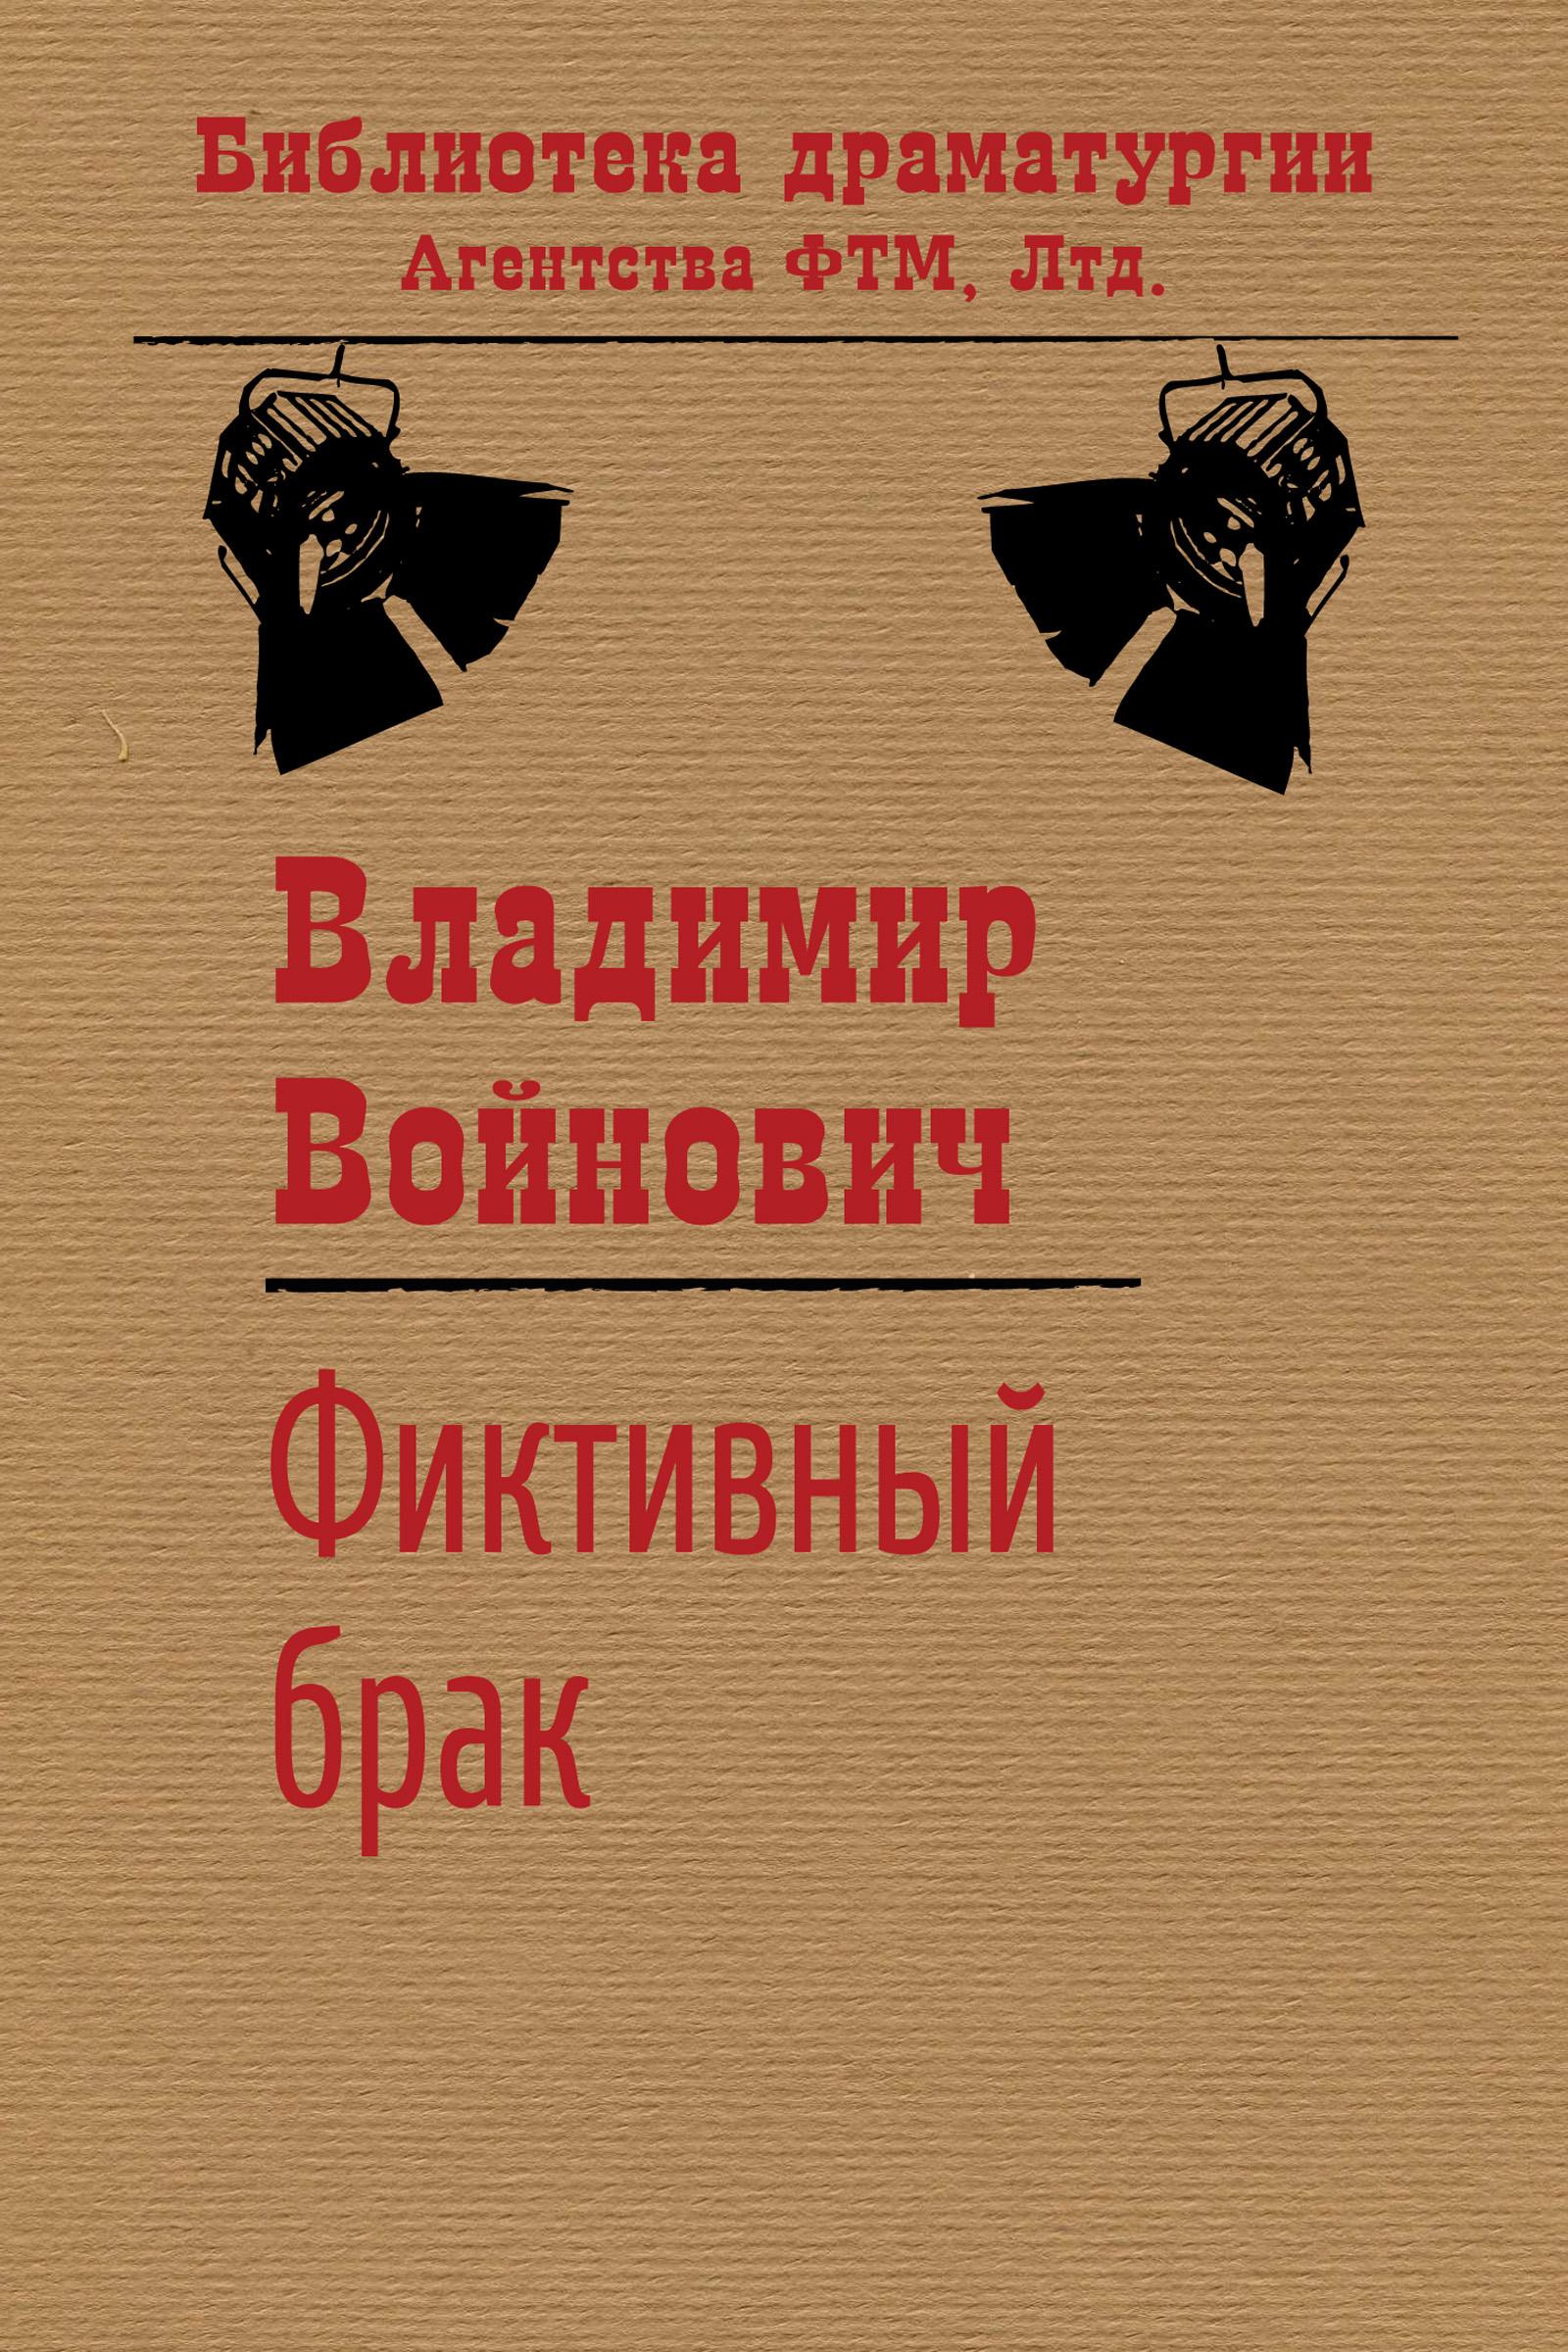 цены на Владимир Войнович Фиктивный брак  в интернет-магазинах